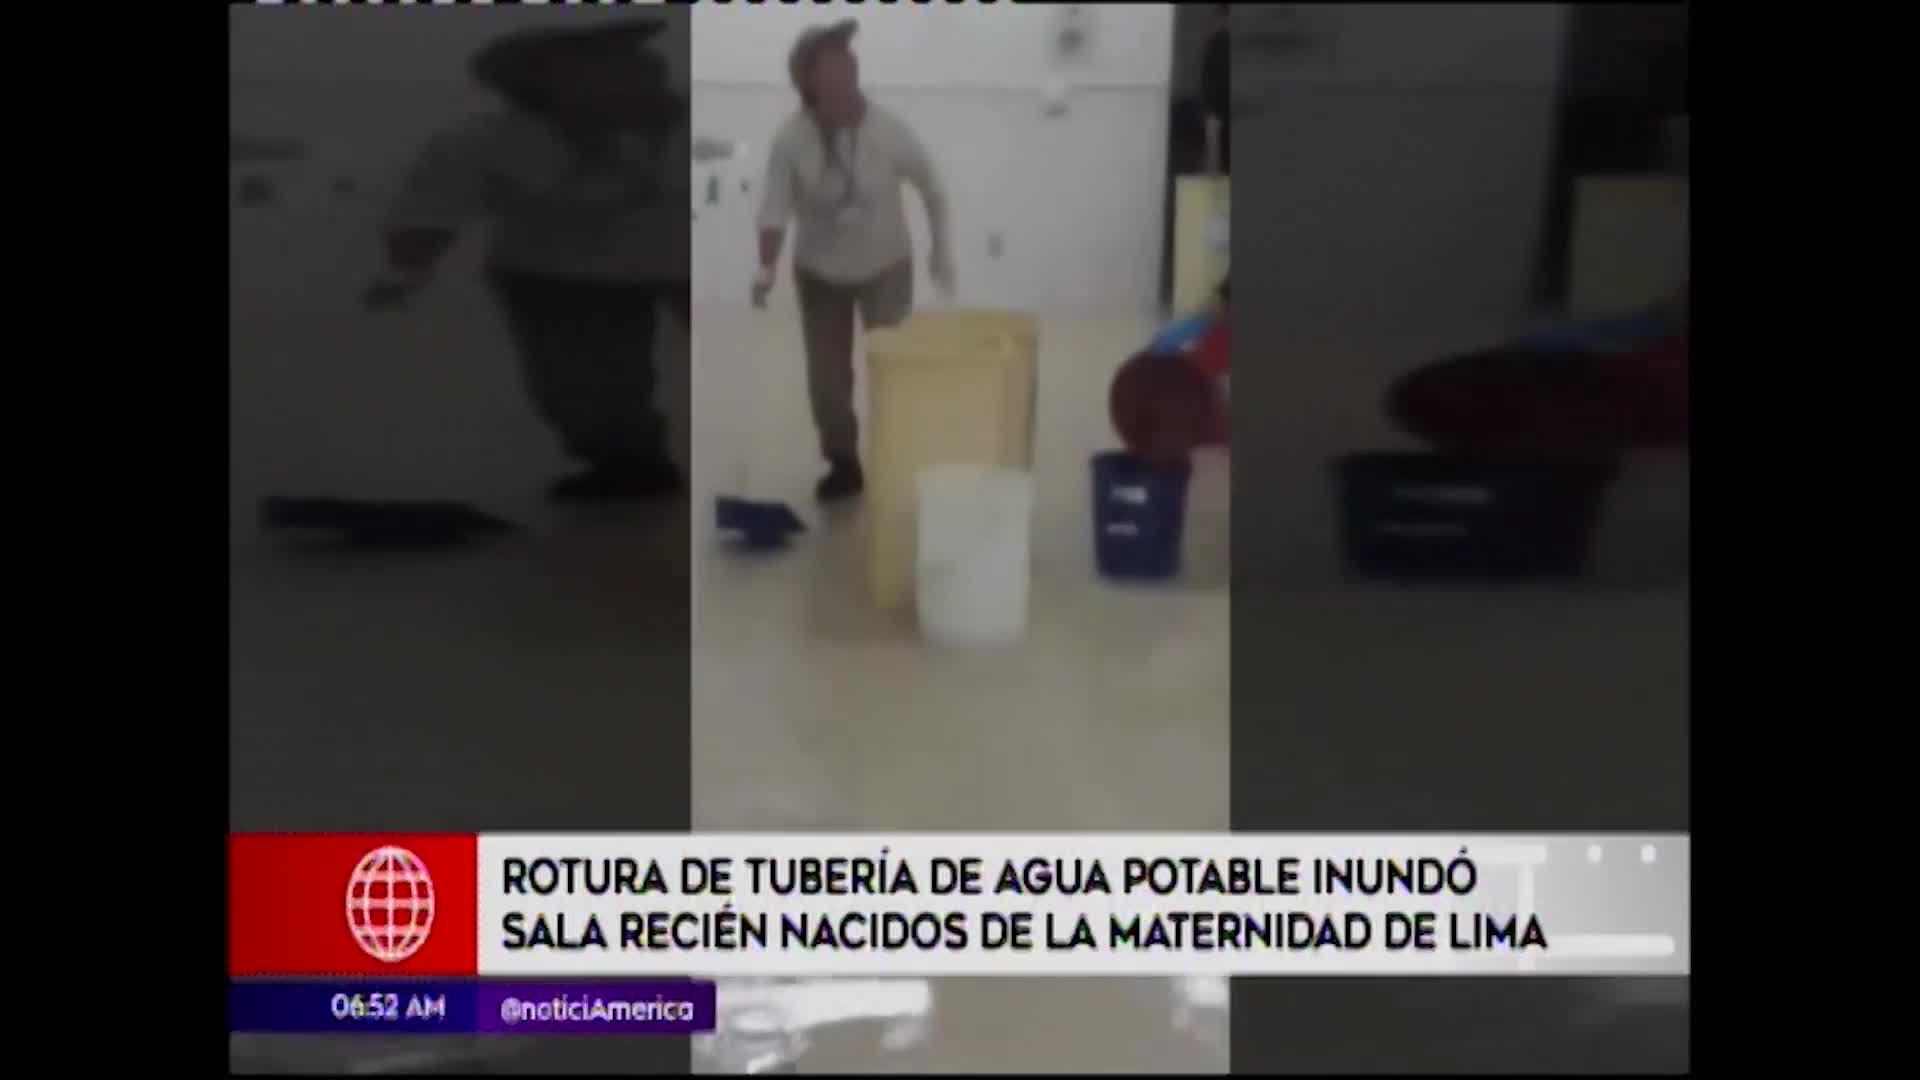 Cercado de Lima: rotura de tubería de agua inundó sala sala neonatal en Maternidad de Lima